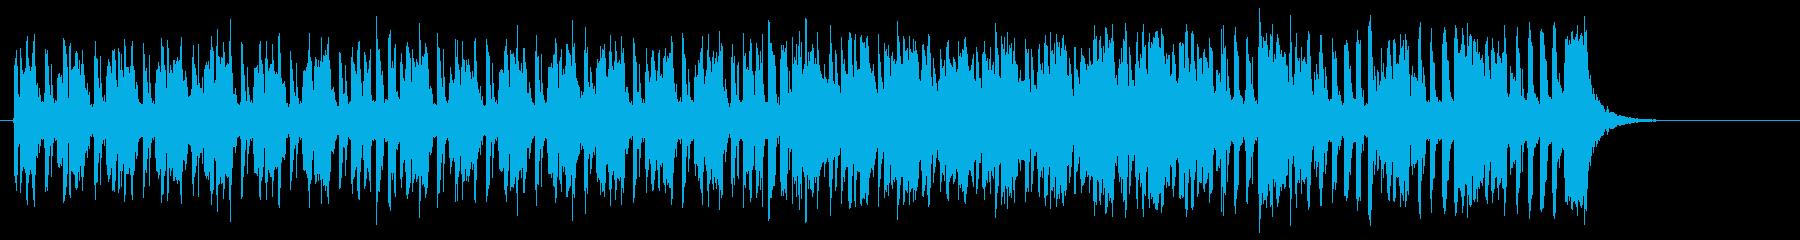 軽いカウベルがノリ良いソフトポップロックの再生済みの波形